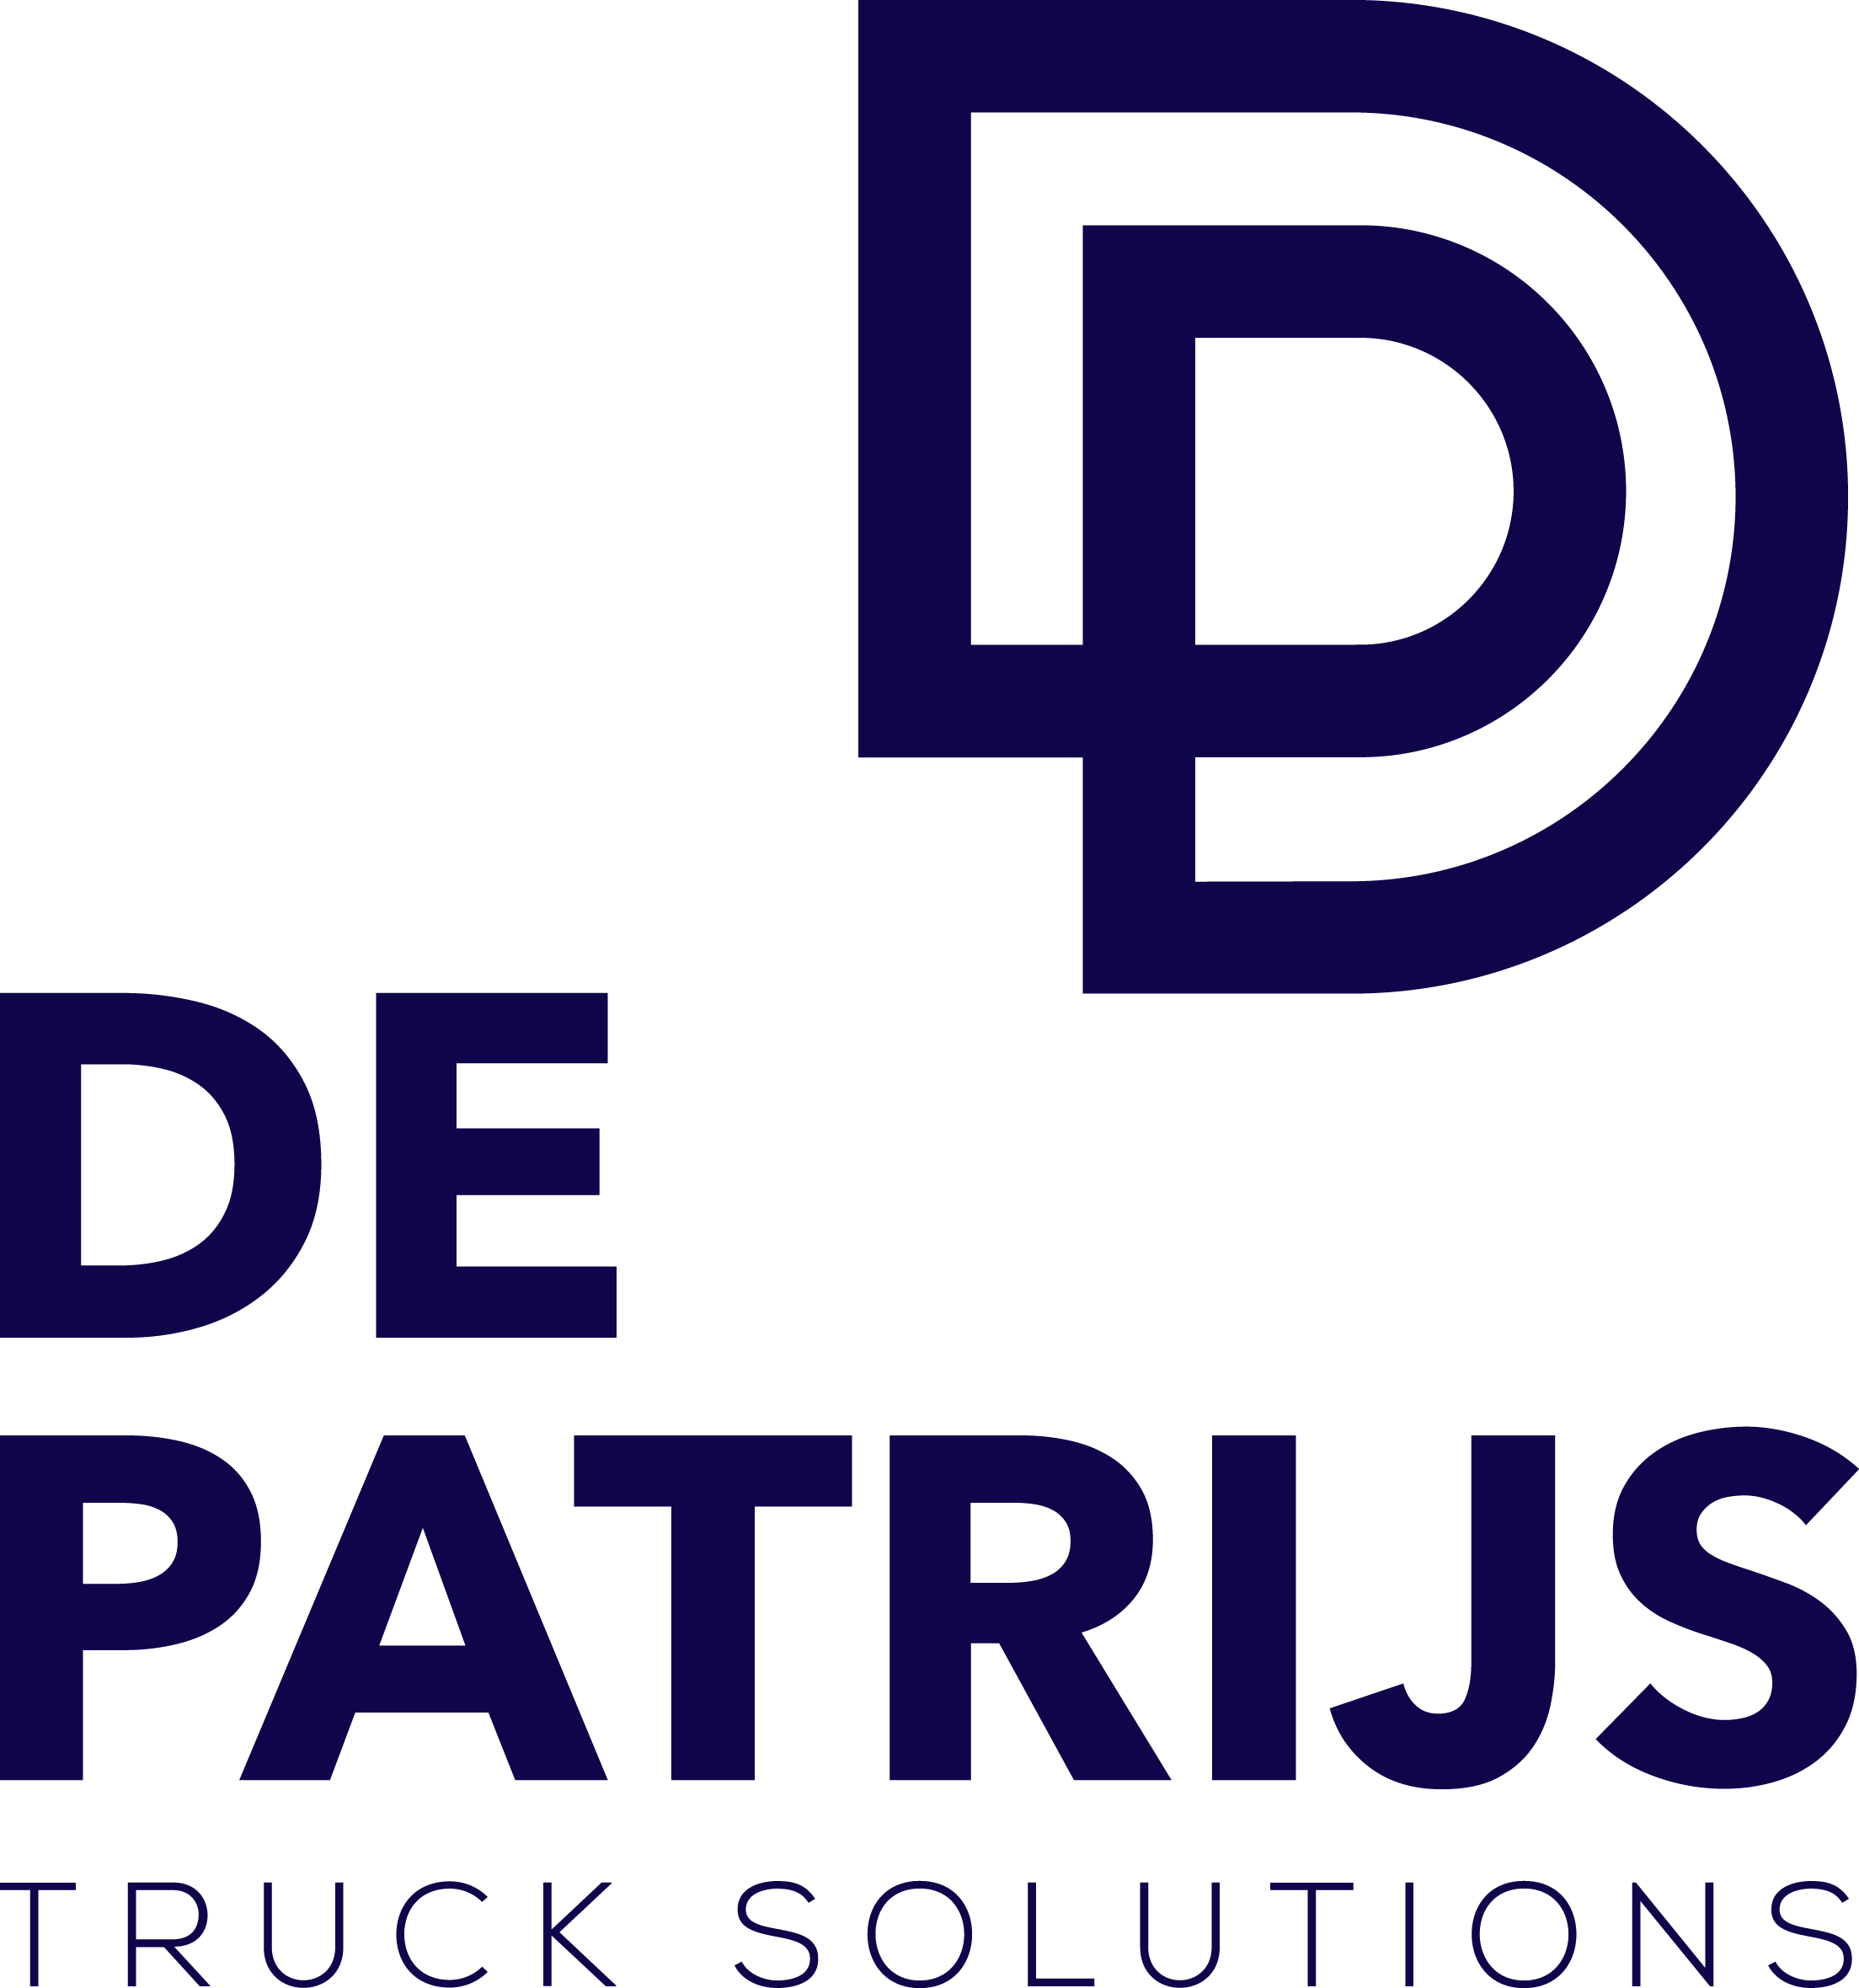 Logo De Patrijs 2013 normaal truck solutions blauw transparant